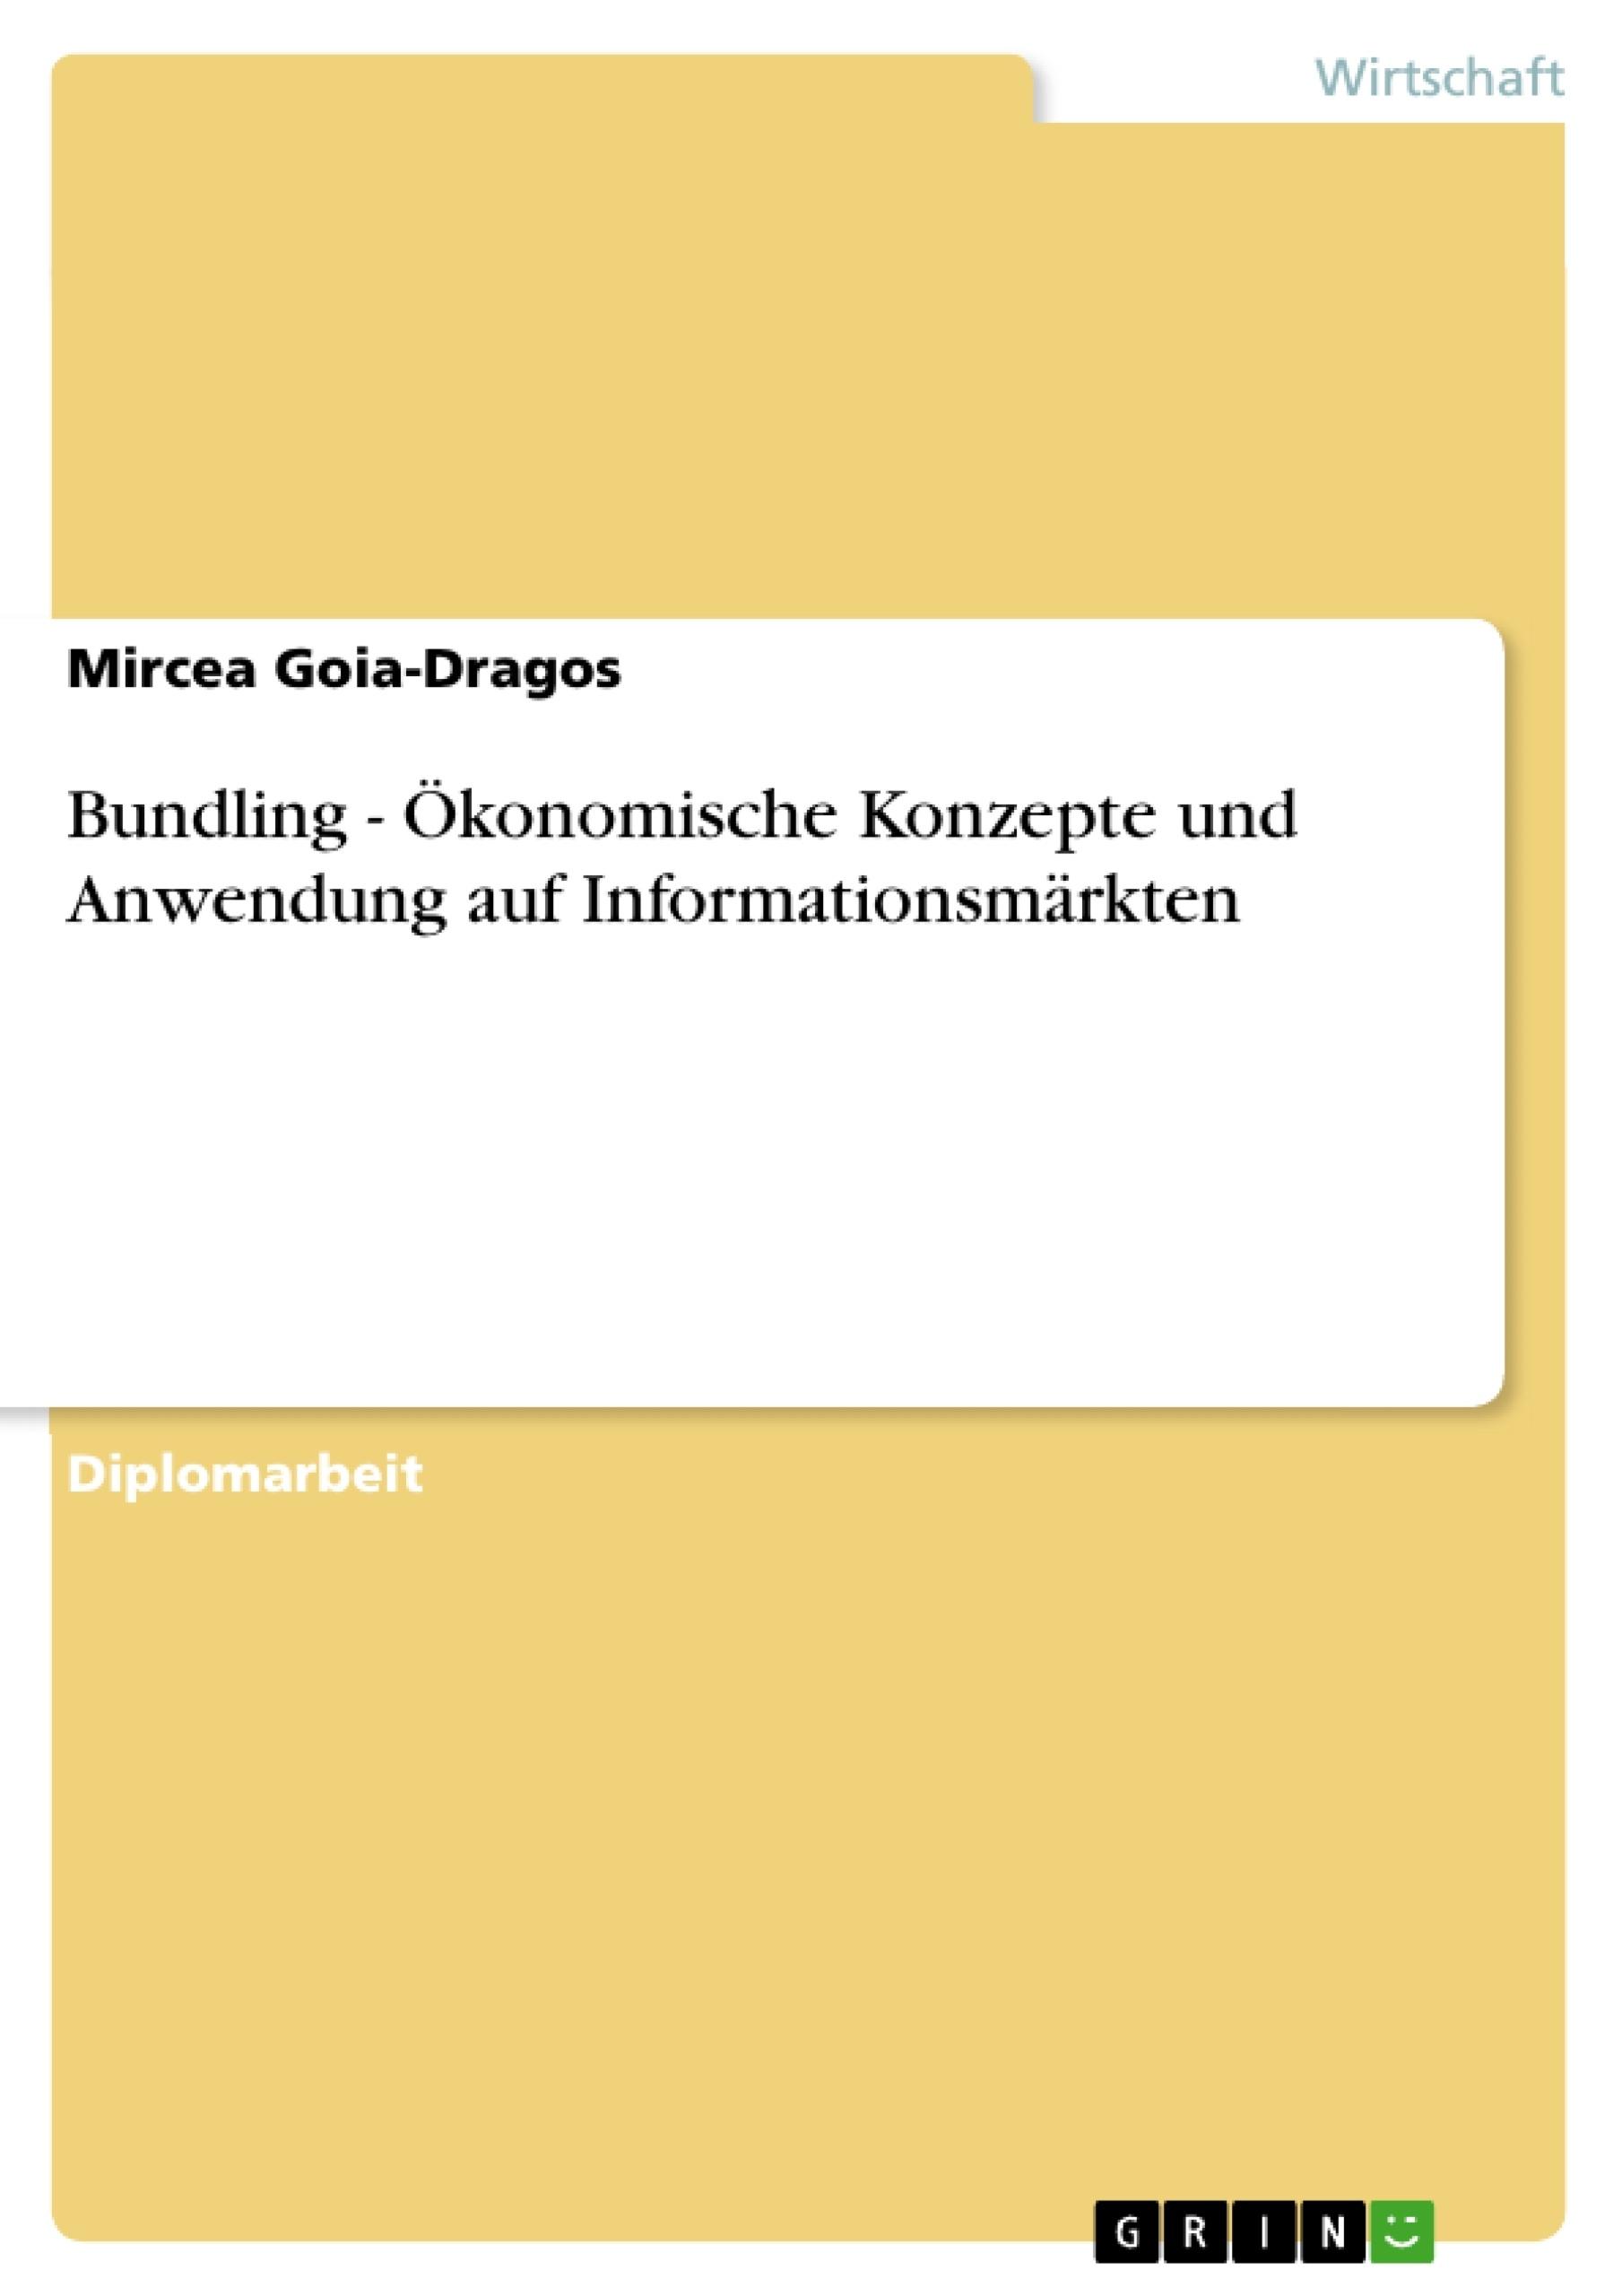 Titel: Bundling - Ökonomische Konzepte und Anwendung auf Informationsmärkten